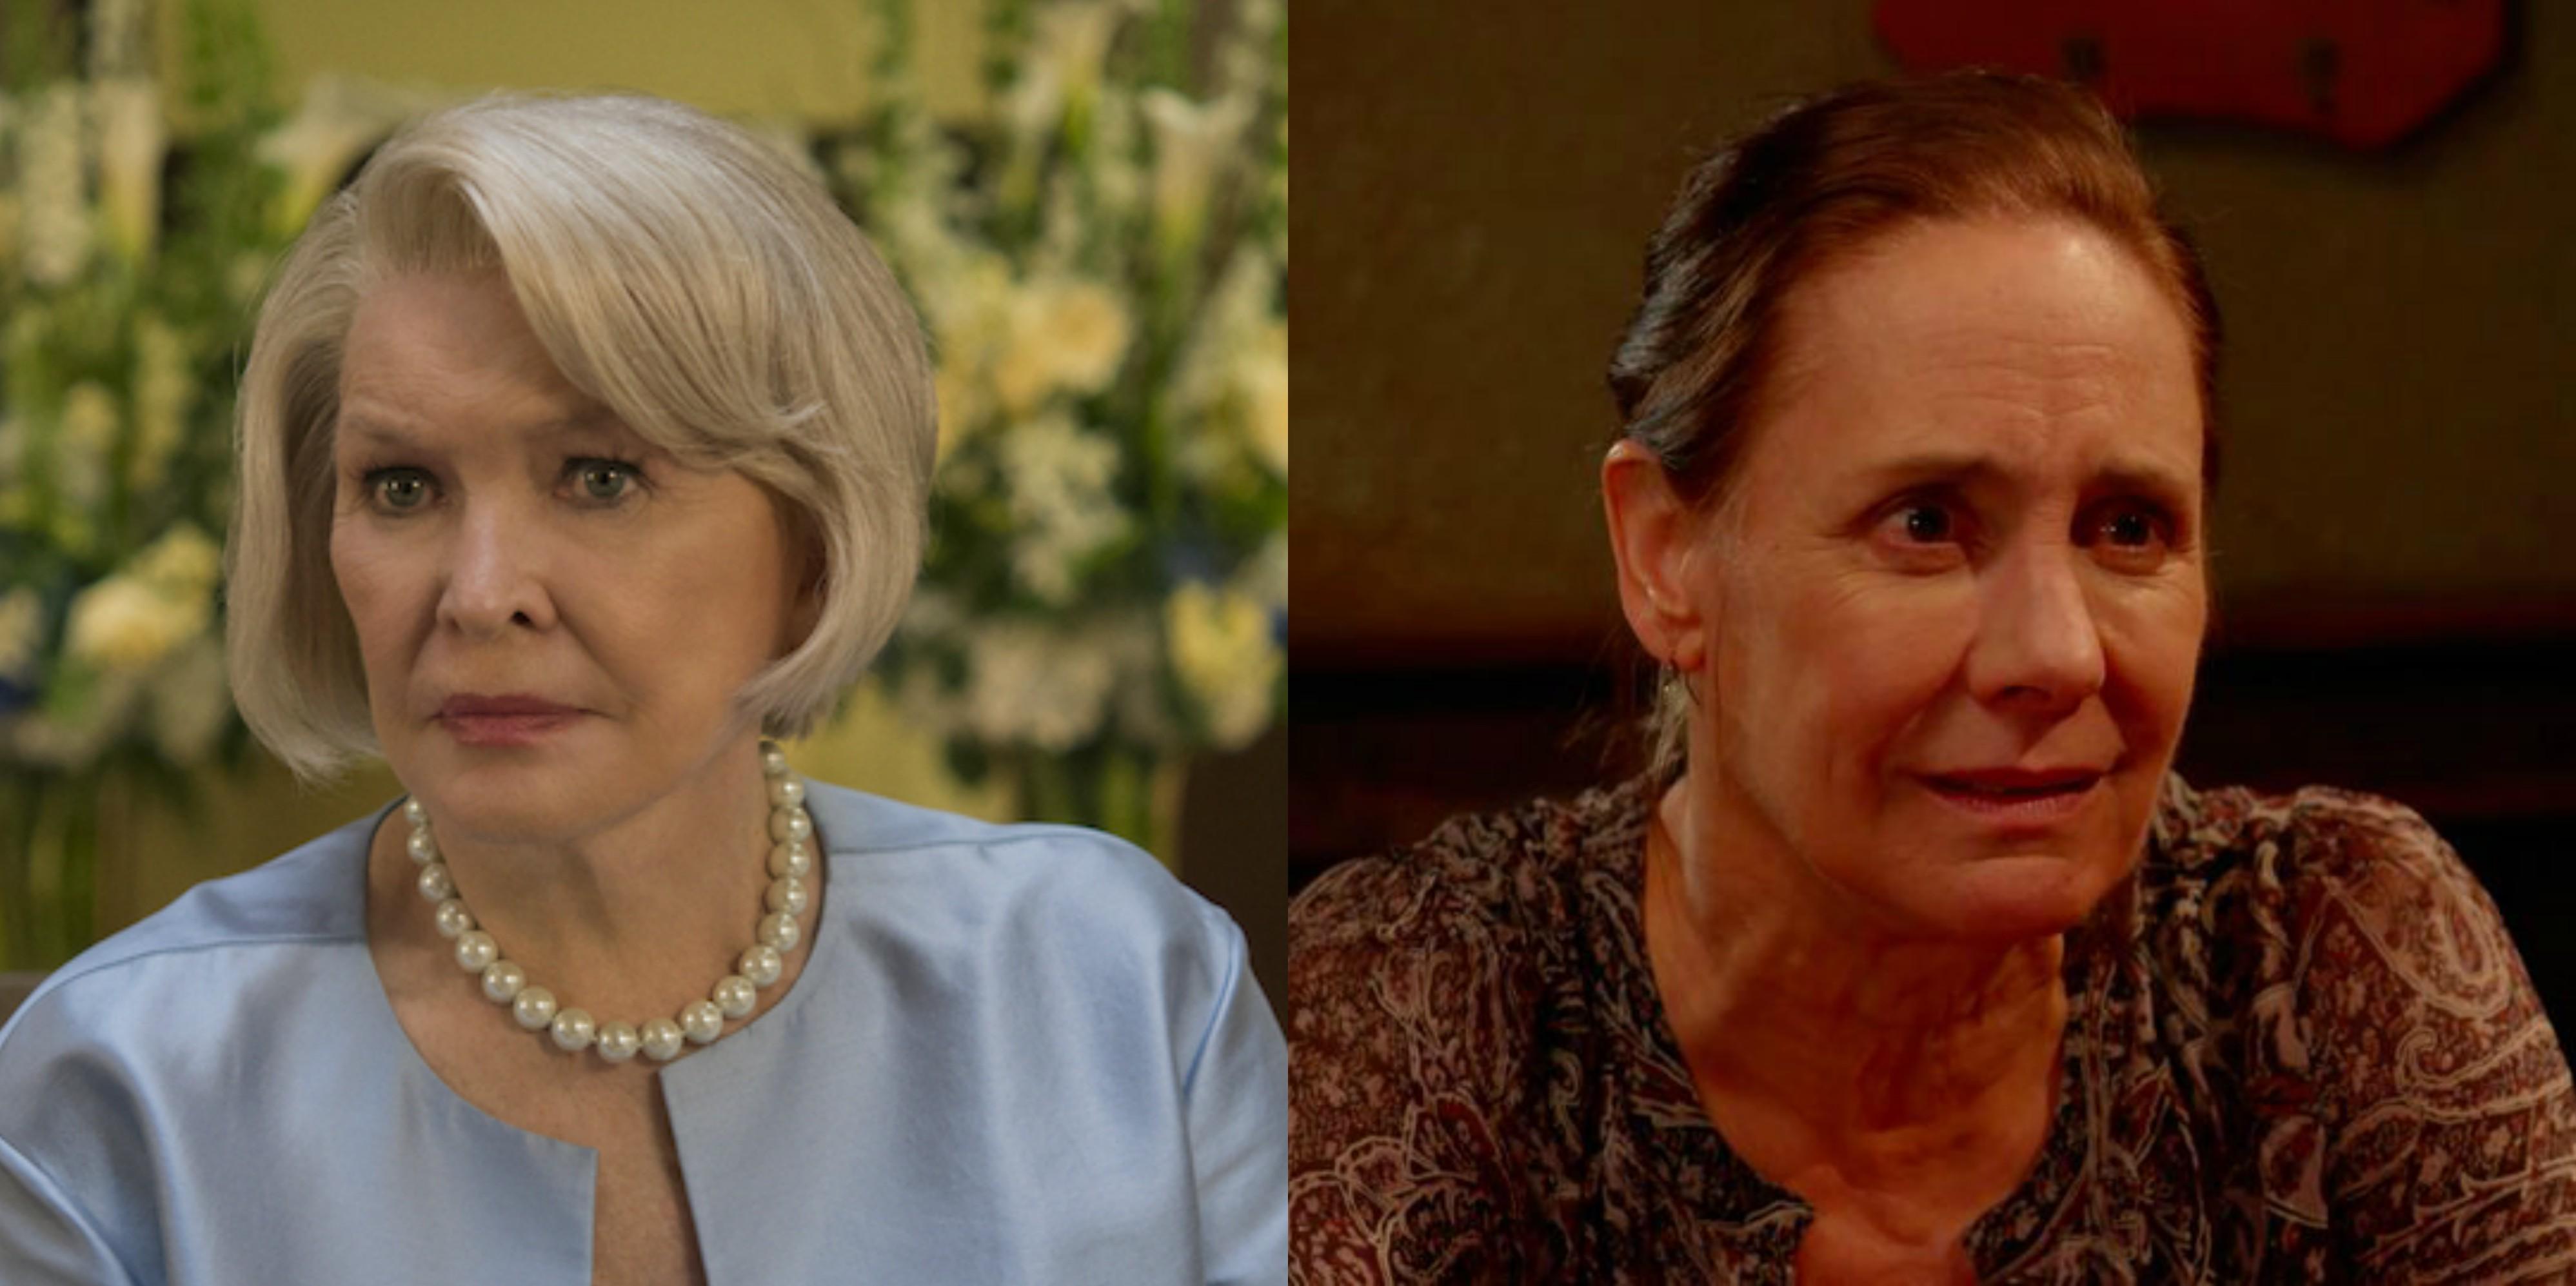 Ellen Burstyn v Laurie Metcalf Emmys 2016 Drama